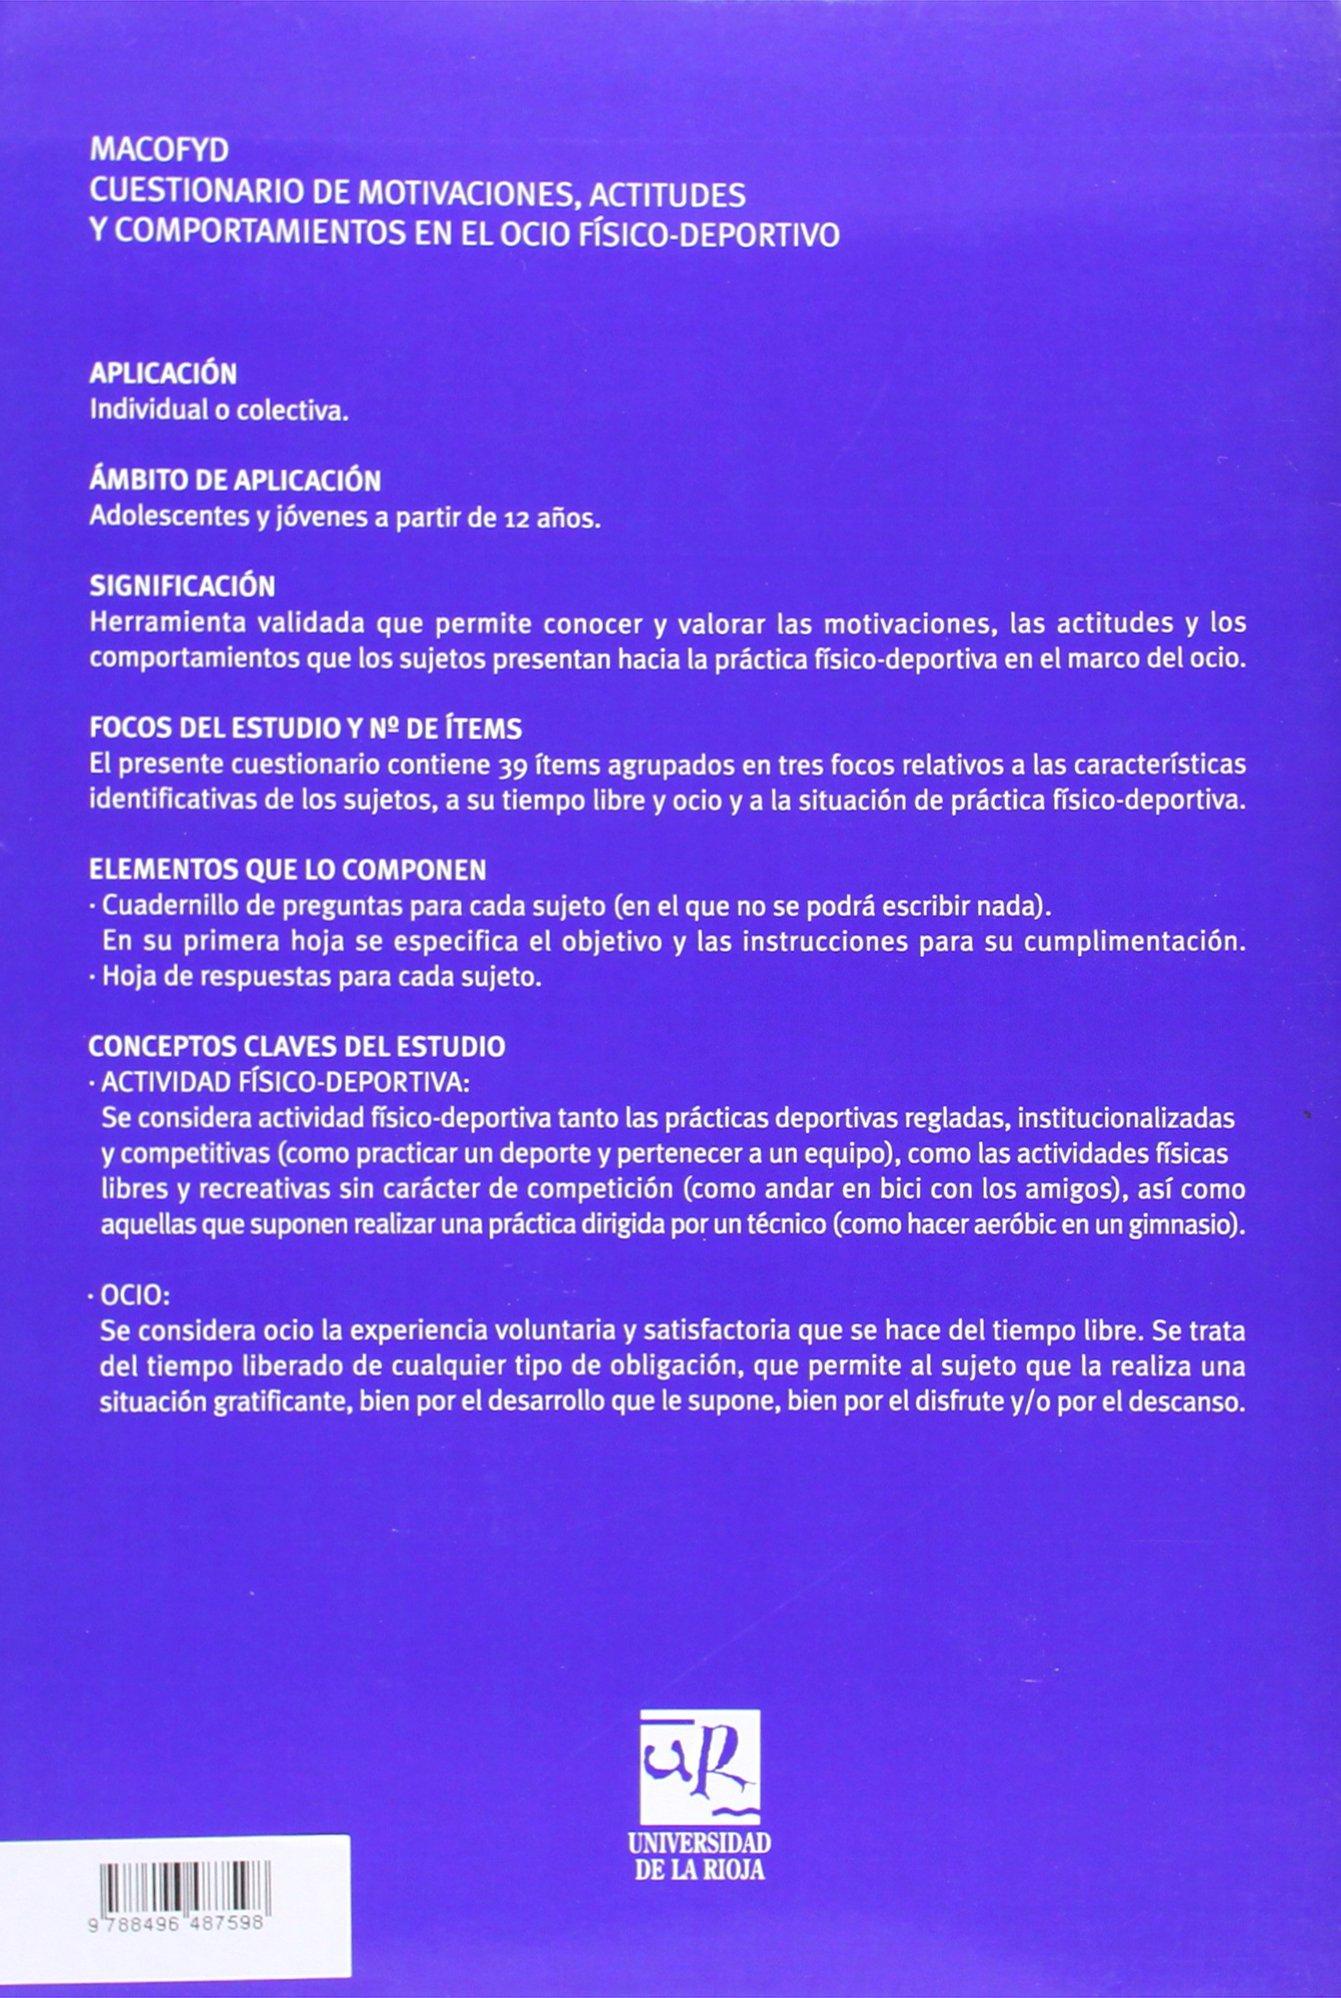 MACOFYD: Cuestionario de motivaciones, actitudes y comportamientos en el ocio físico-deportivo juvenil: Amazon.es: Ana Ponce de León Elizondo: Libros